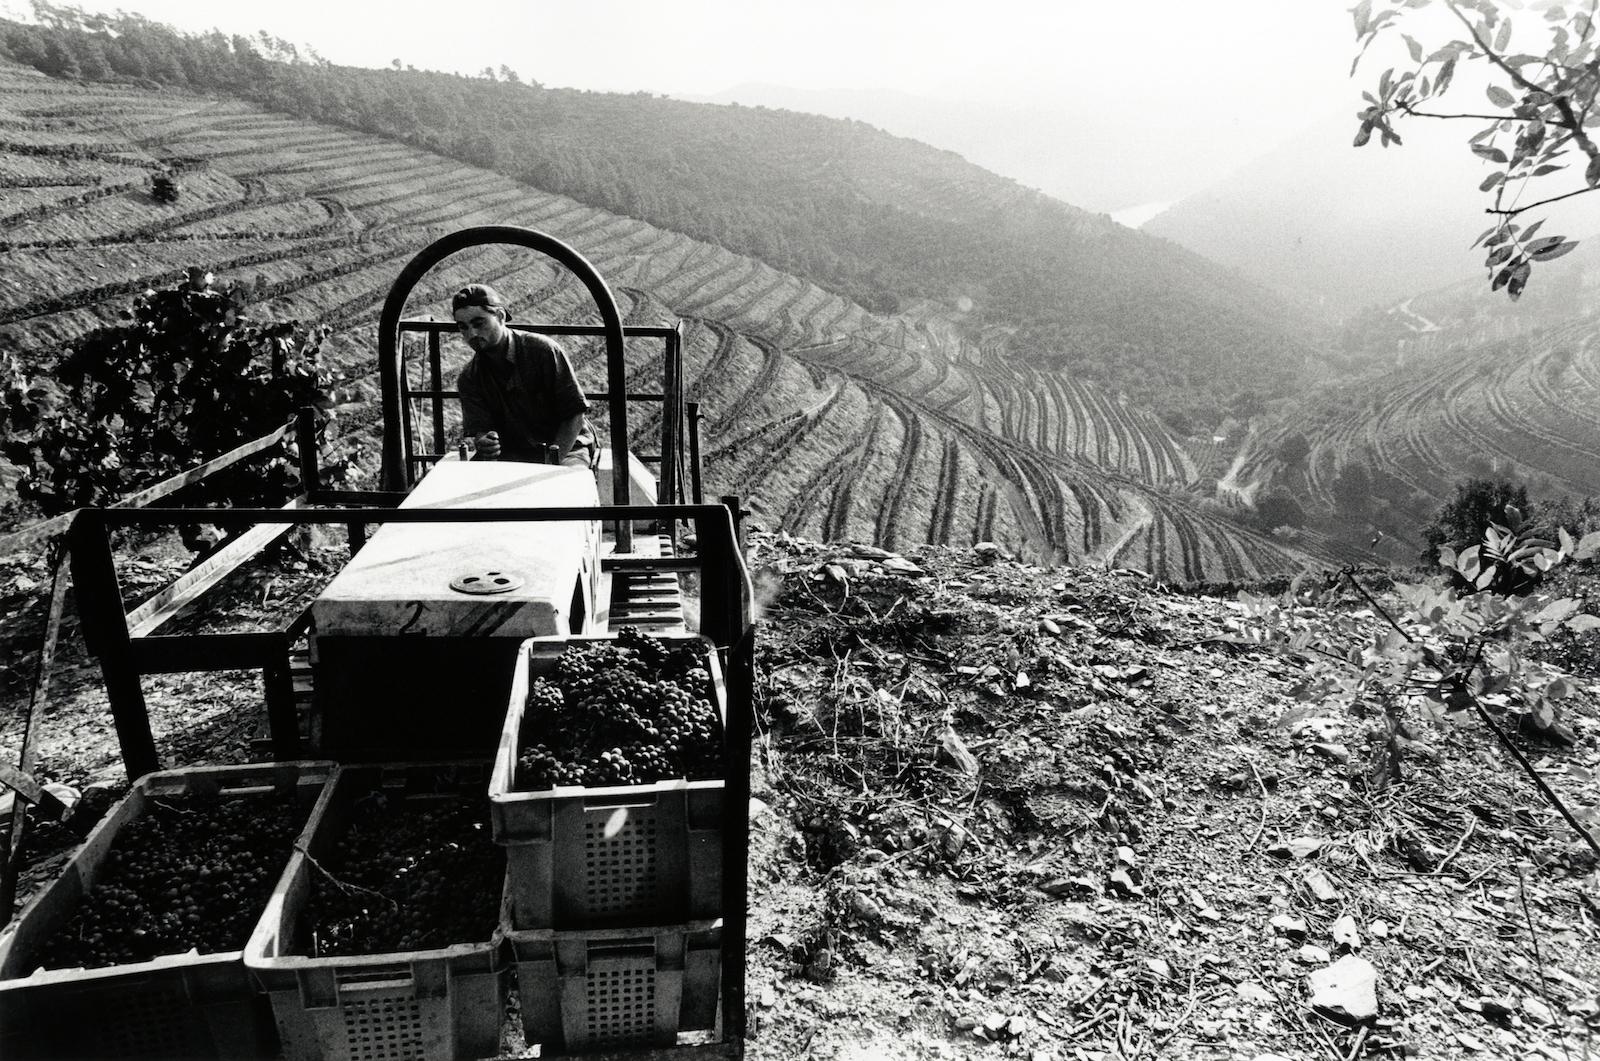 walter_rothwell_douro_port_wine_11.jpg